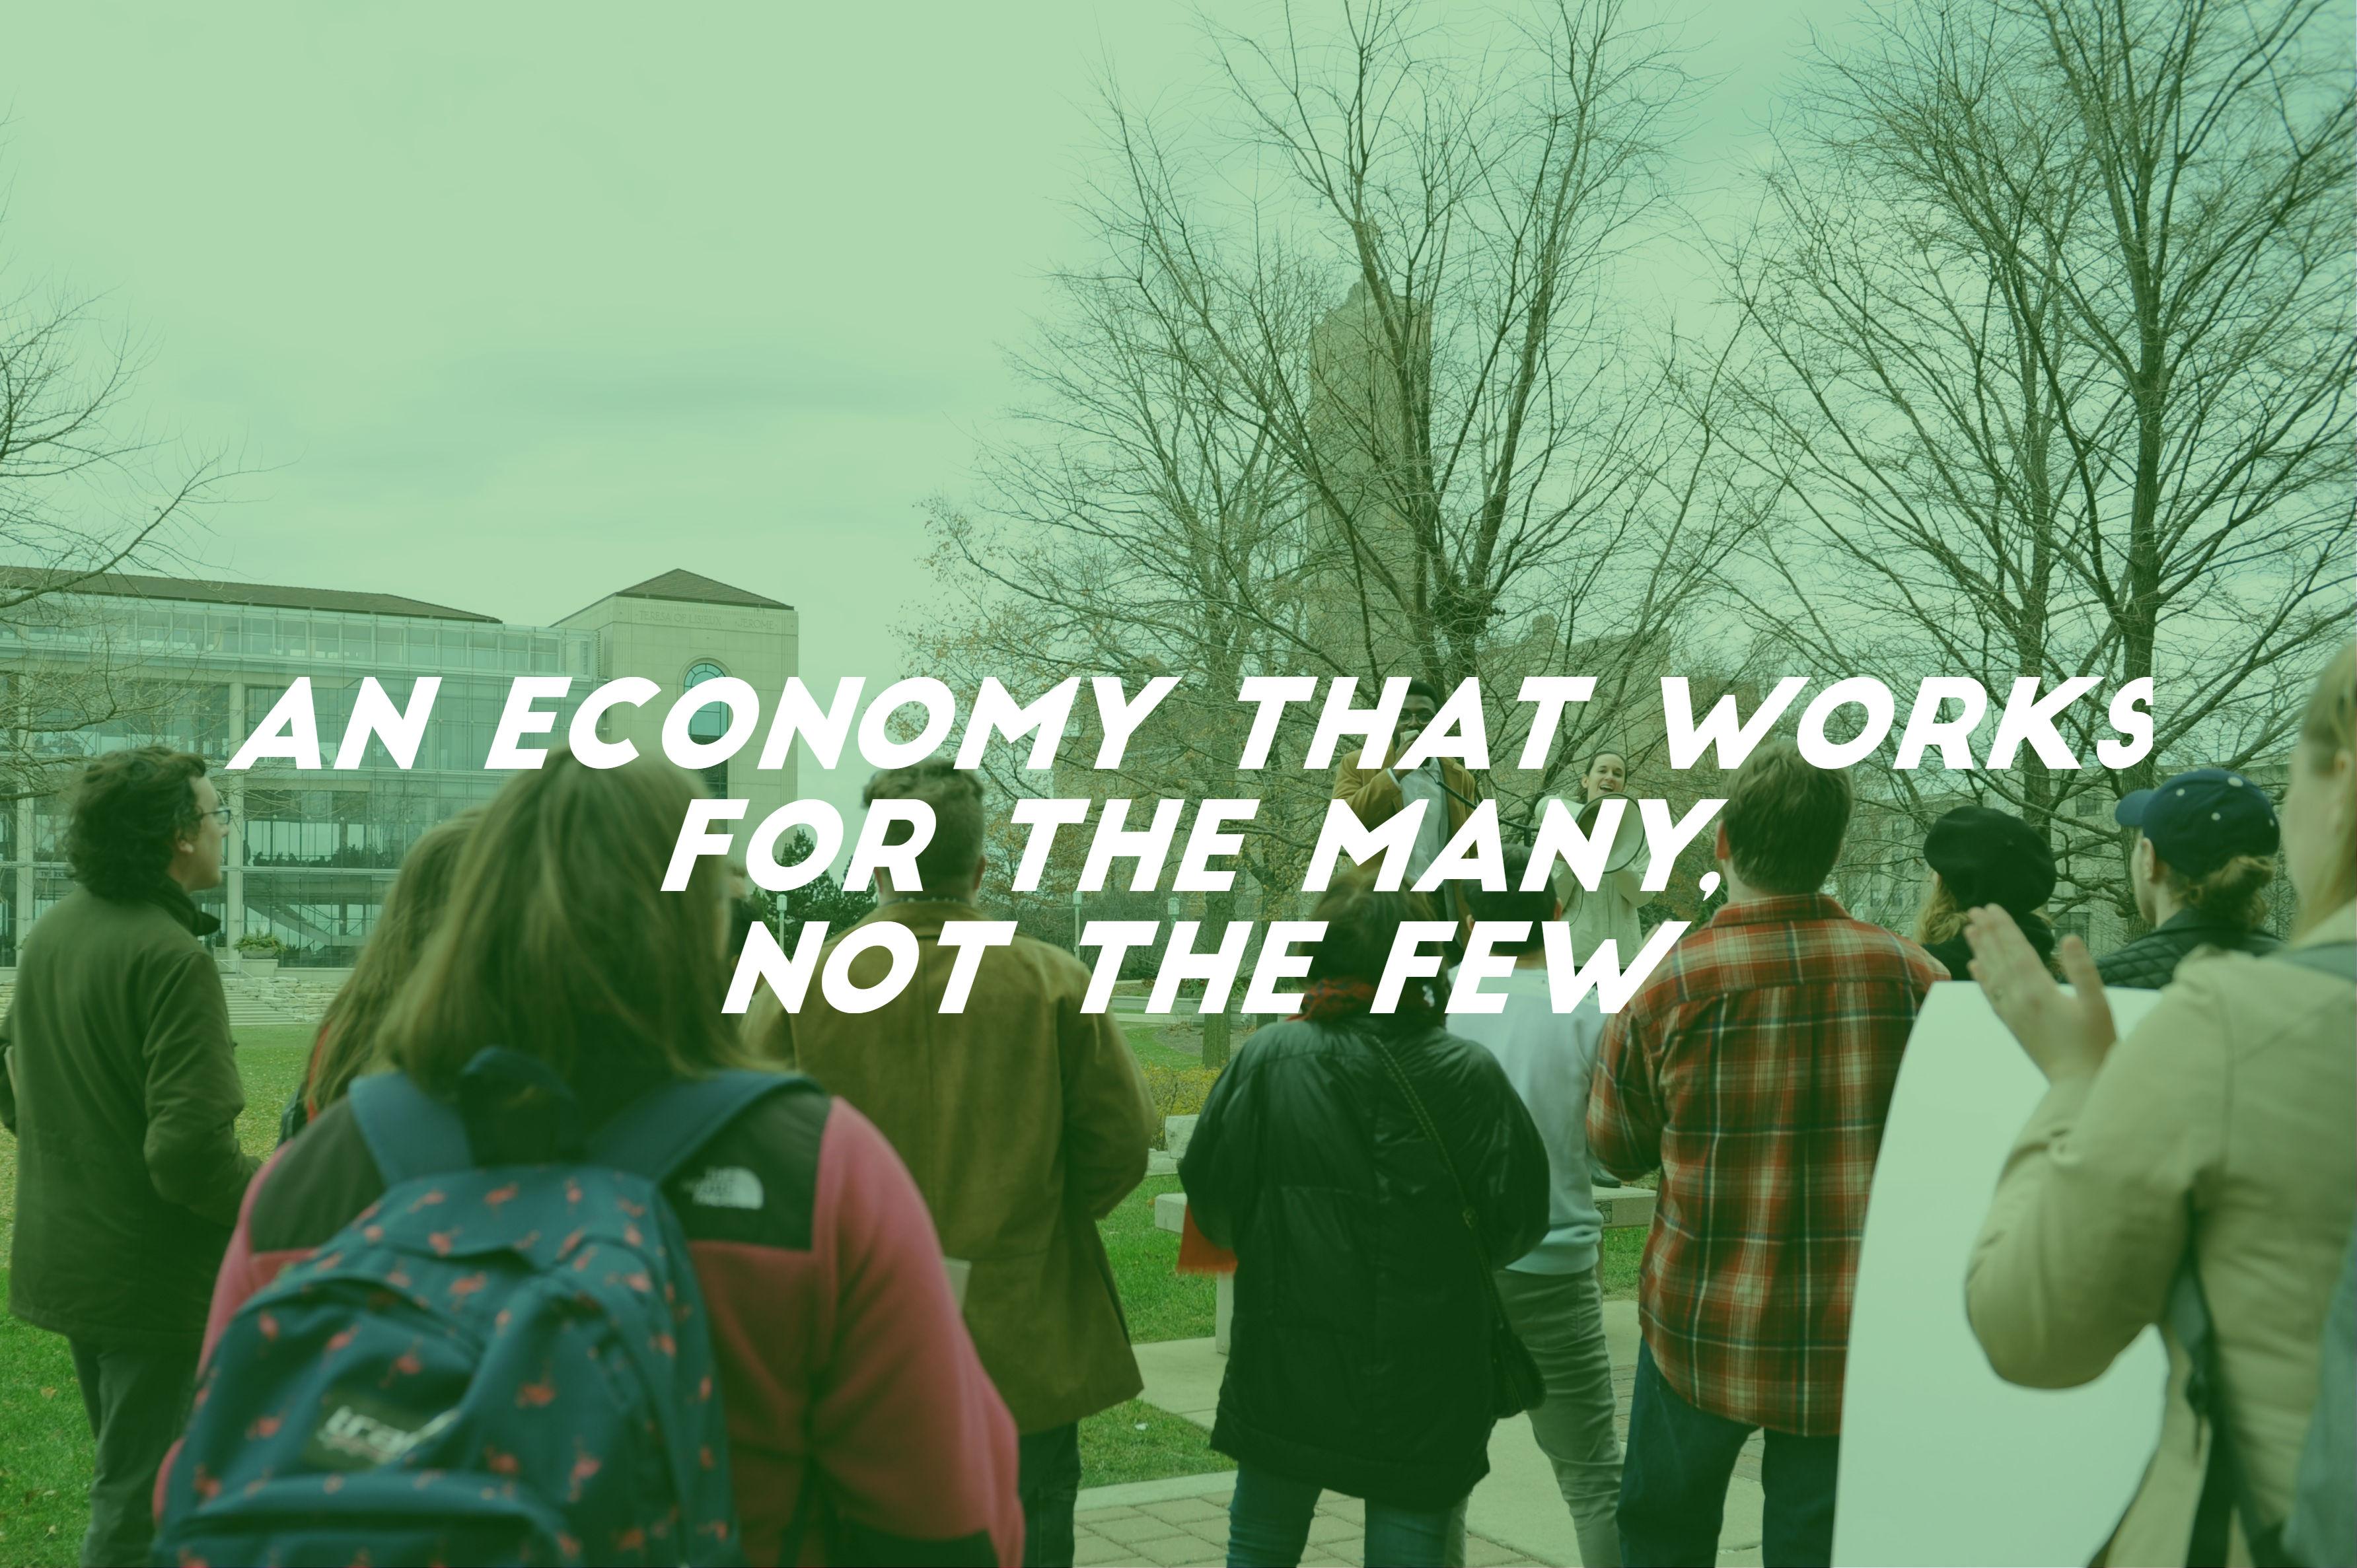 Vision_-_Economy.jpg